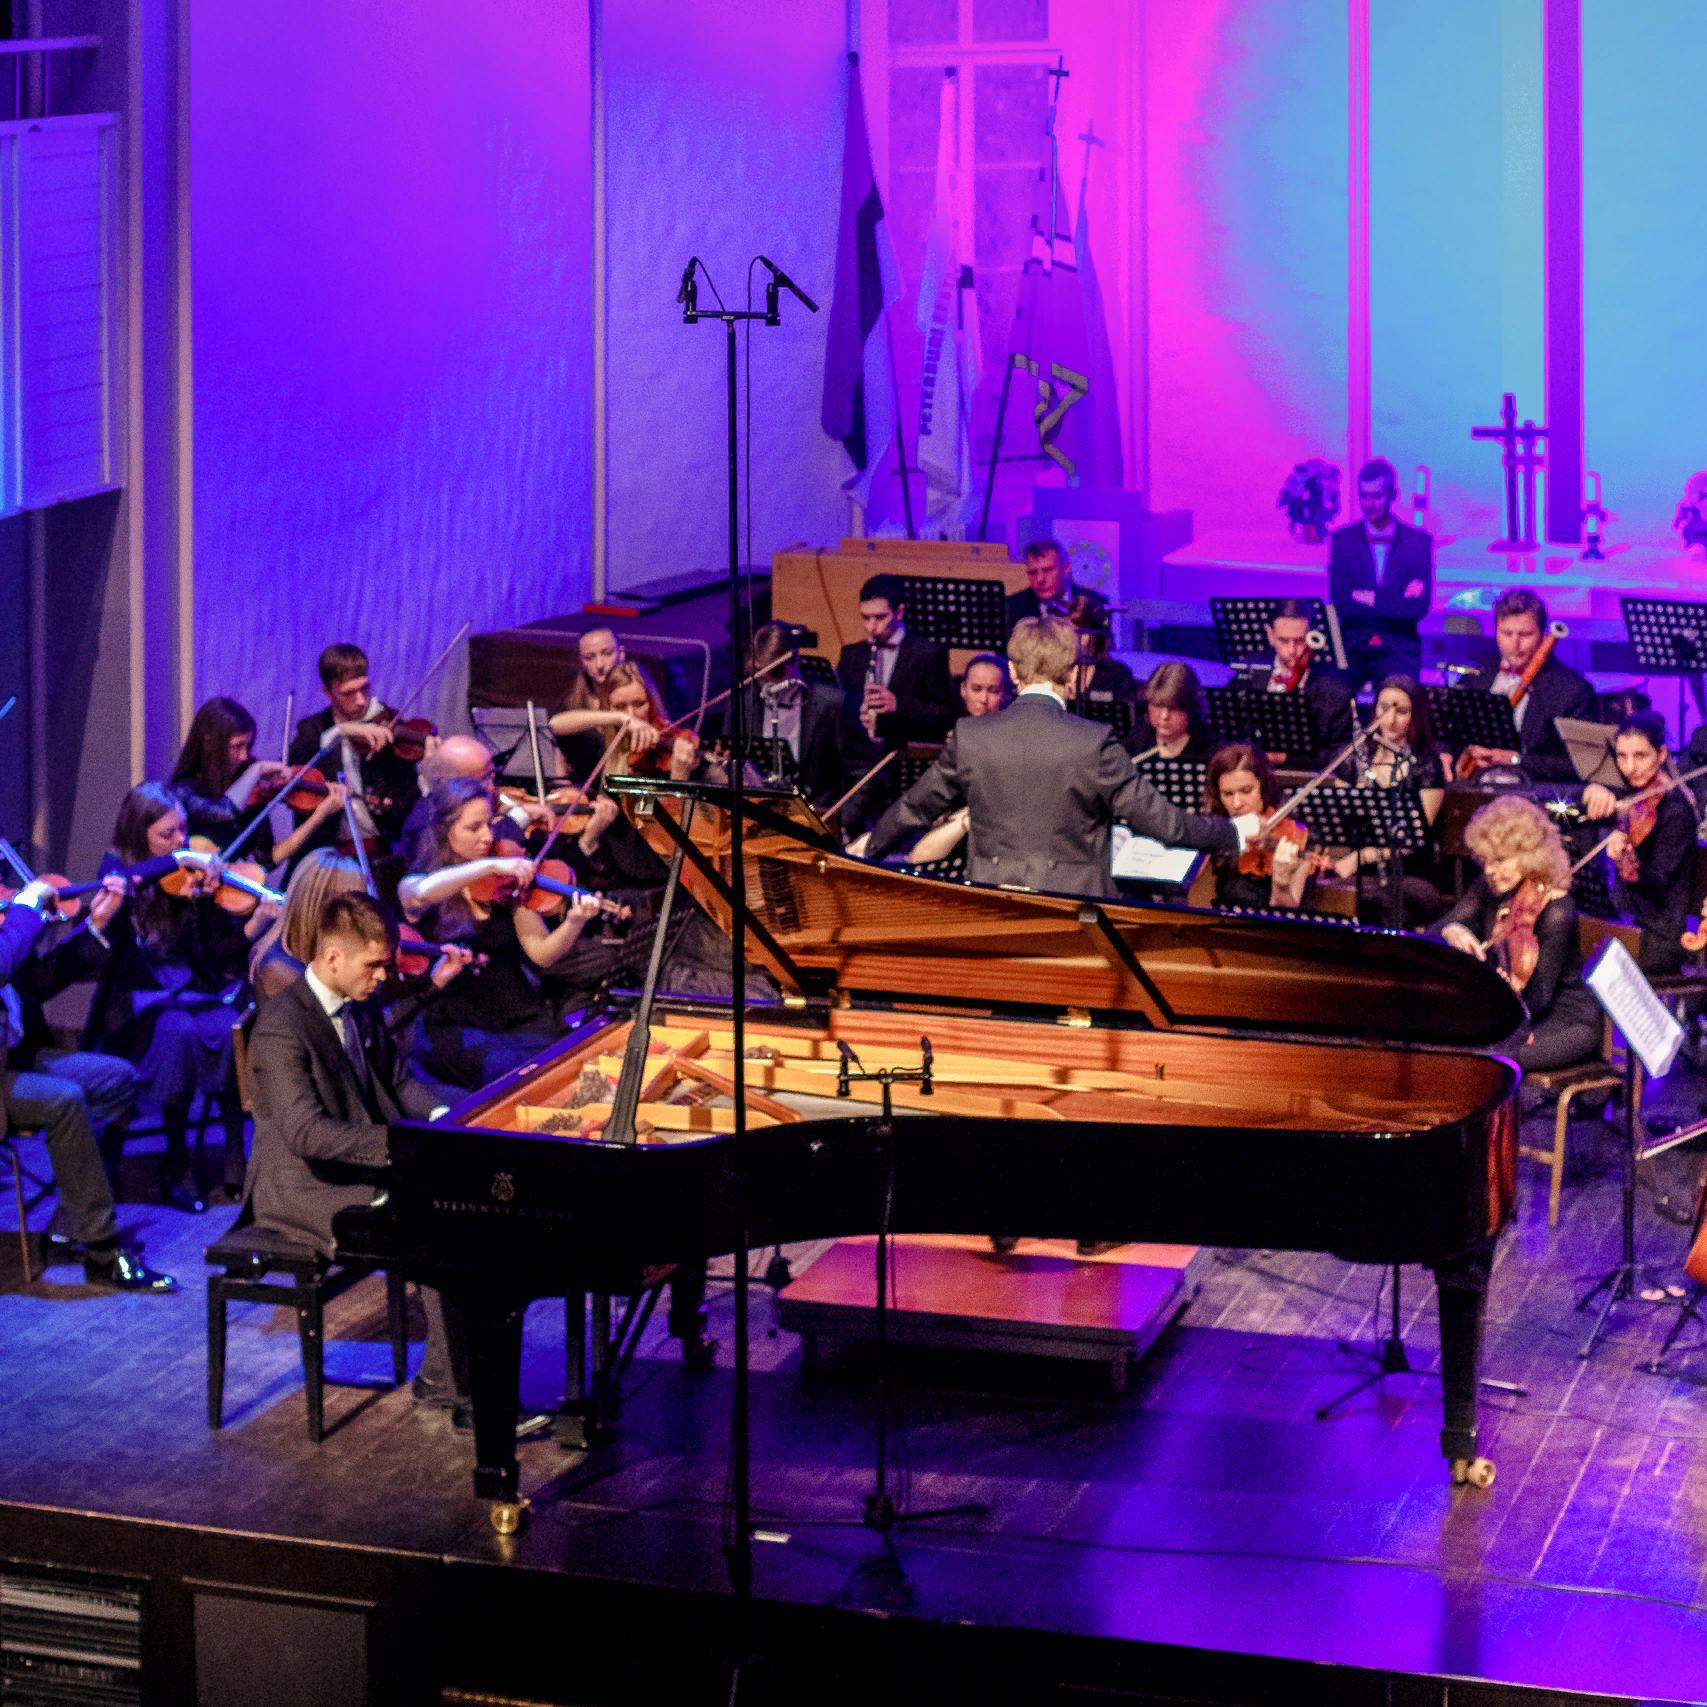 Концерт губернаторского симфонического оркестра со скидкой 50%